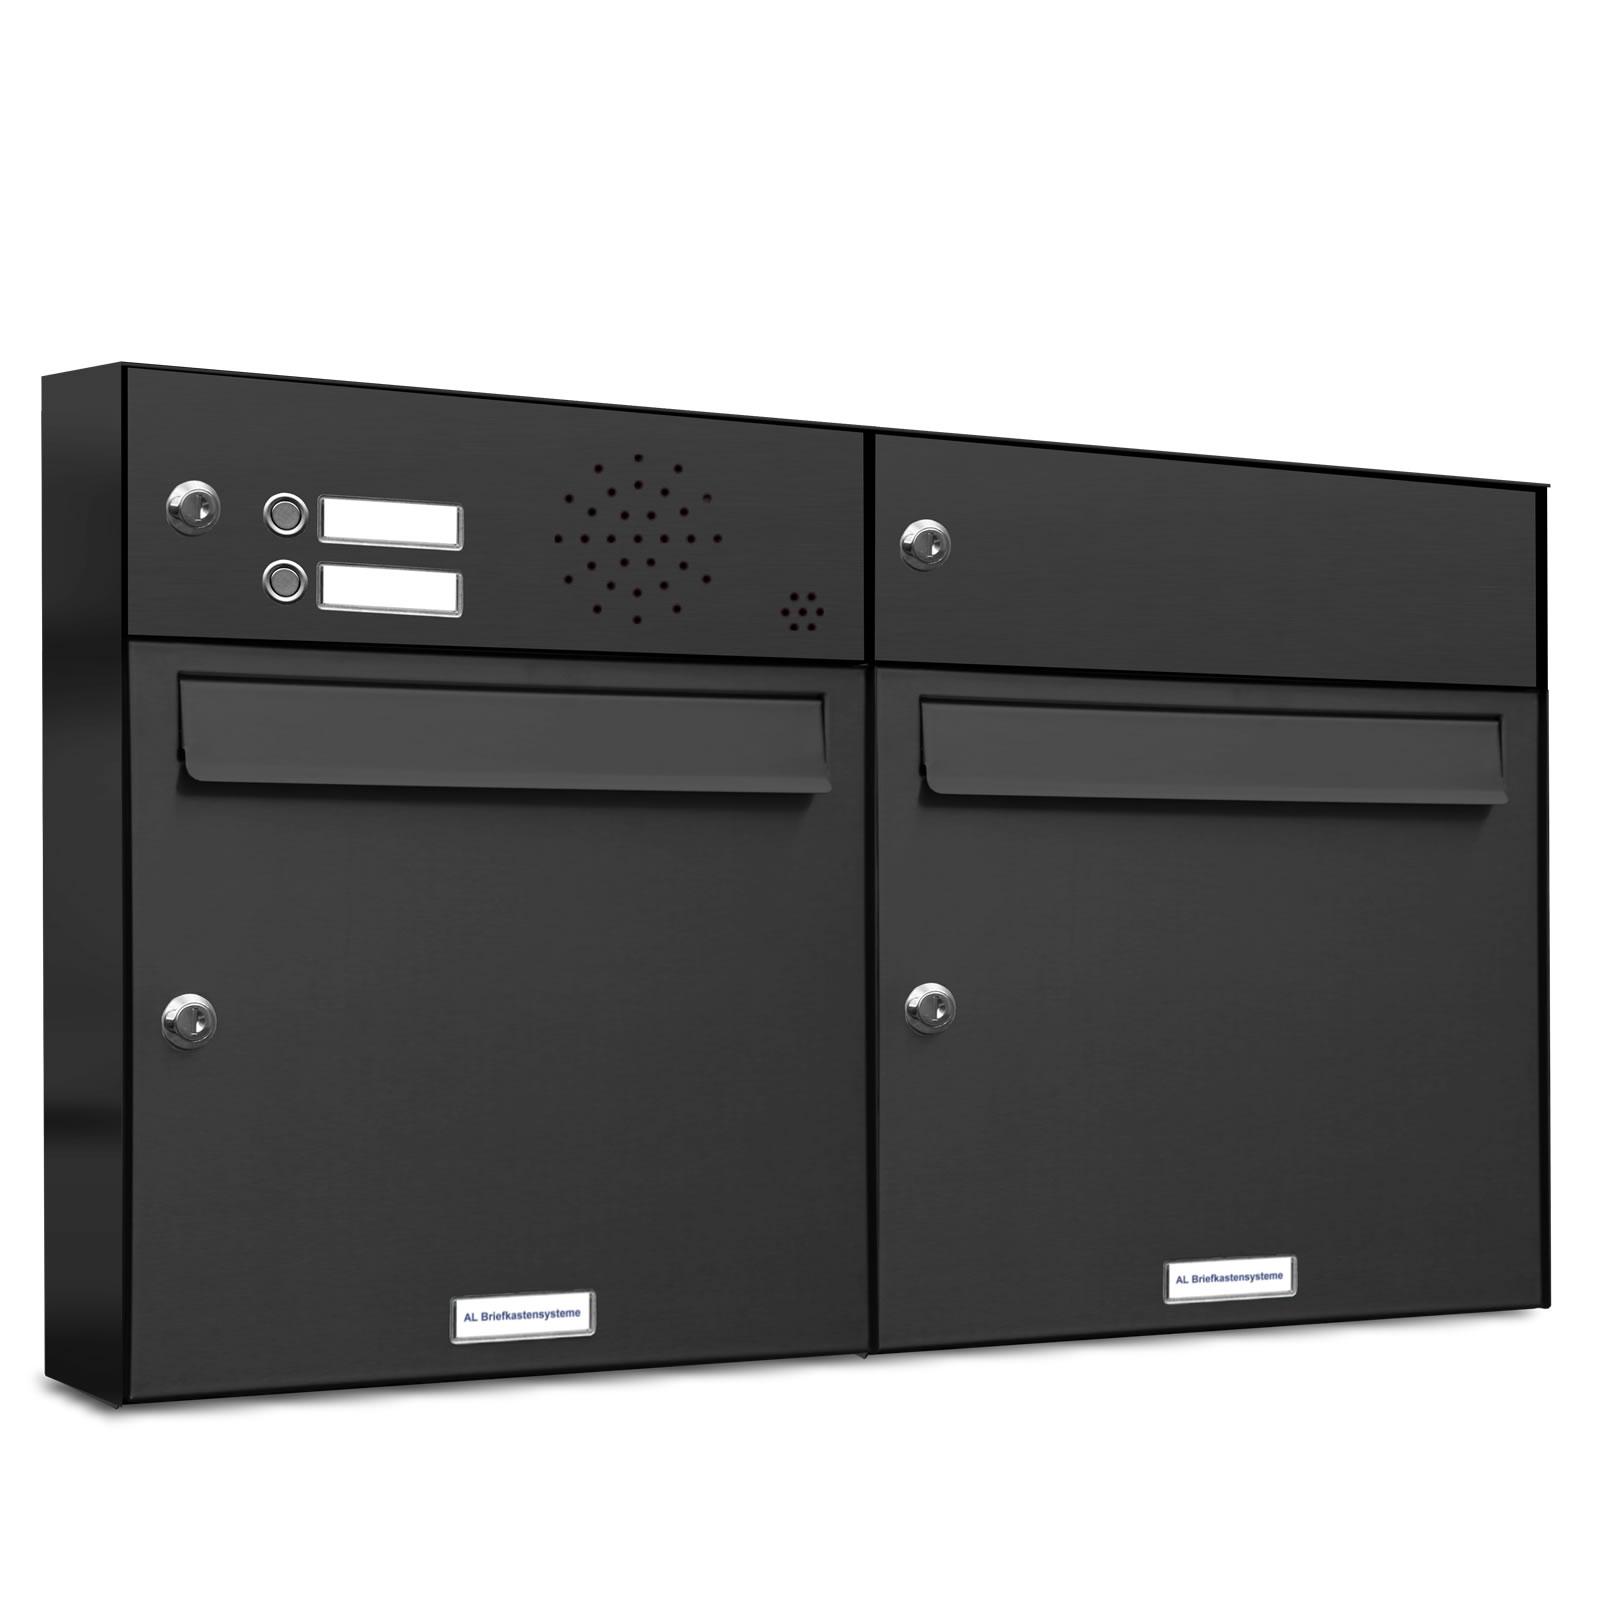 2er briefkasten anlage aufputz wandmontage ral 7016 anthrazit klingel. Black Bedroom Furniture Sets. Home Design Ideas